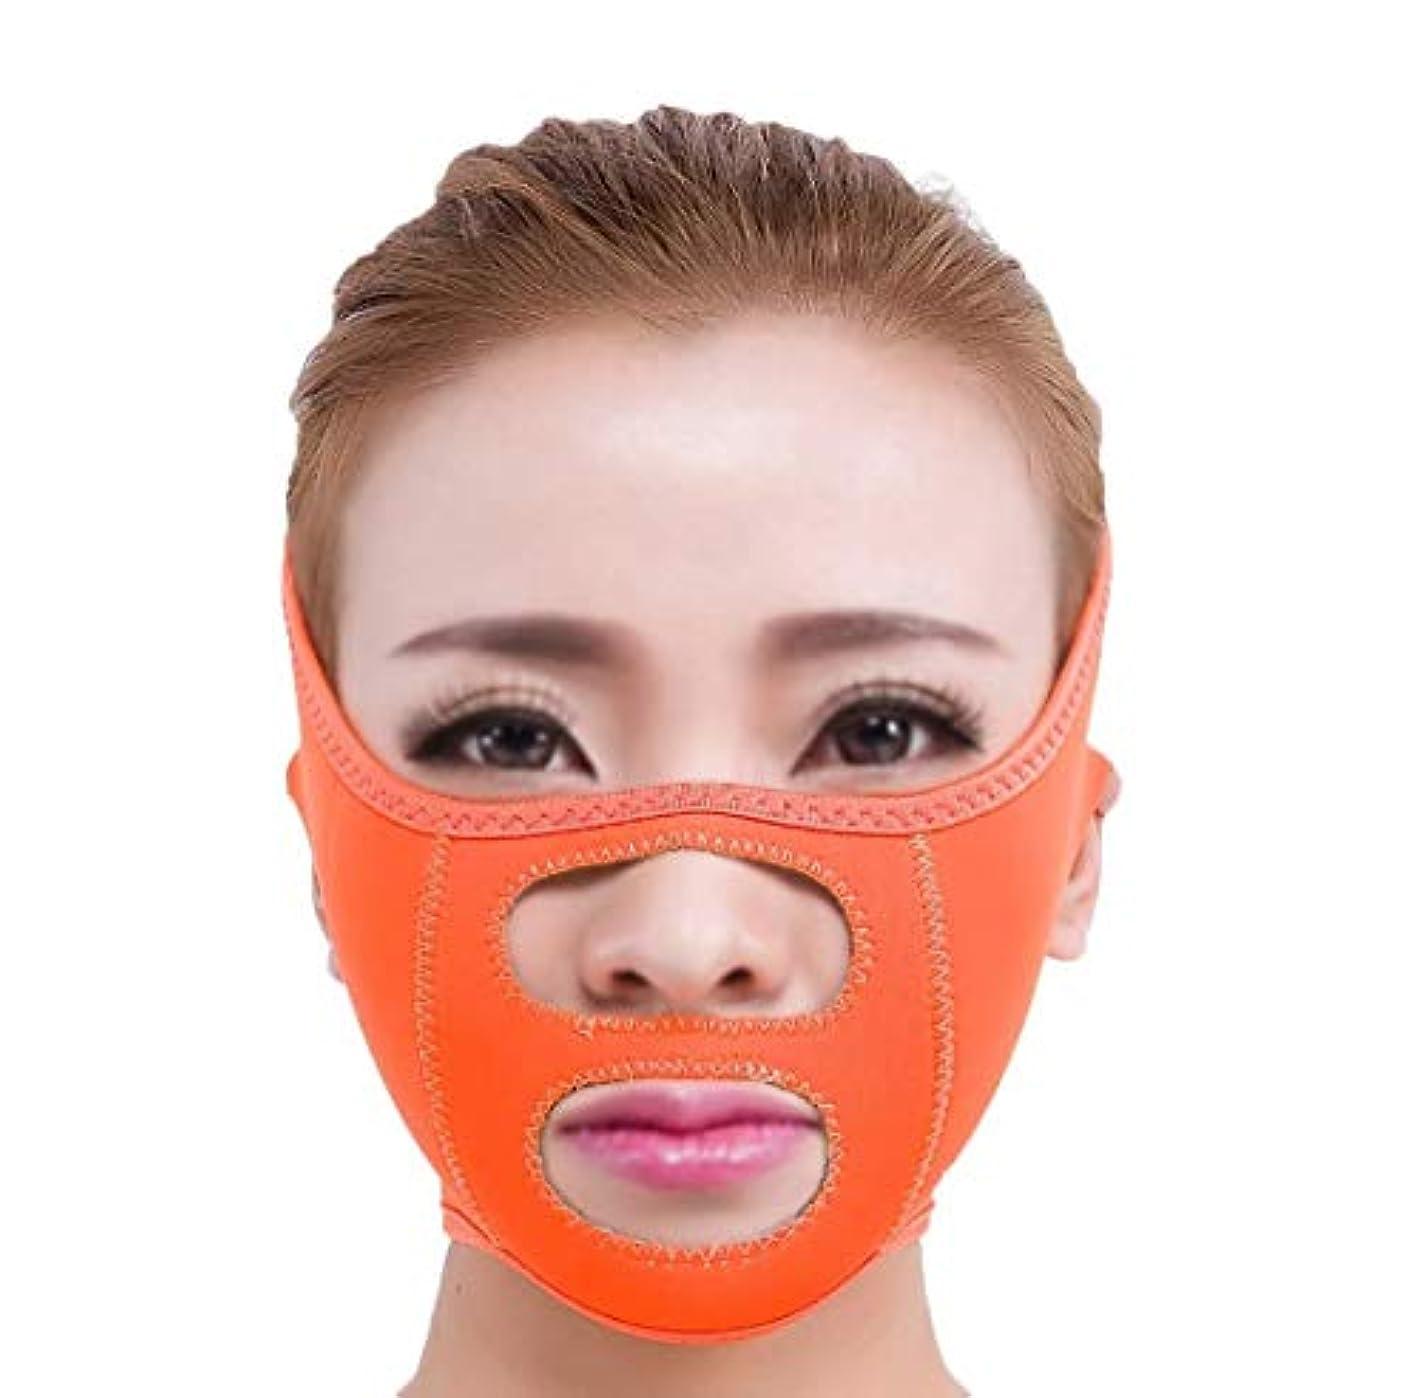 コンチネンタル相関する不誠実スリミングベルト、フェイシャルマスク薄い顔マスク睡眠薄い顔マスク薄い顔包帯薄い顔アーティファクト薄い顔顔リフティング薄い顔小さなV顔睡眠薄い顔ベルト